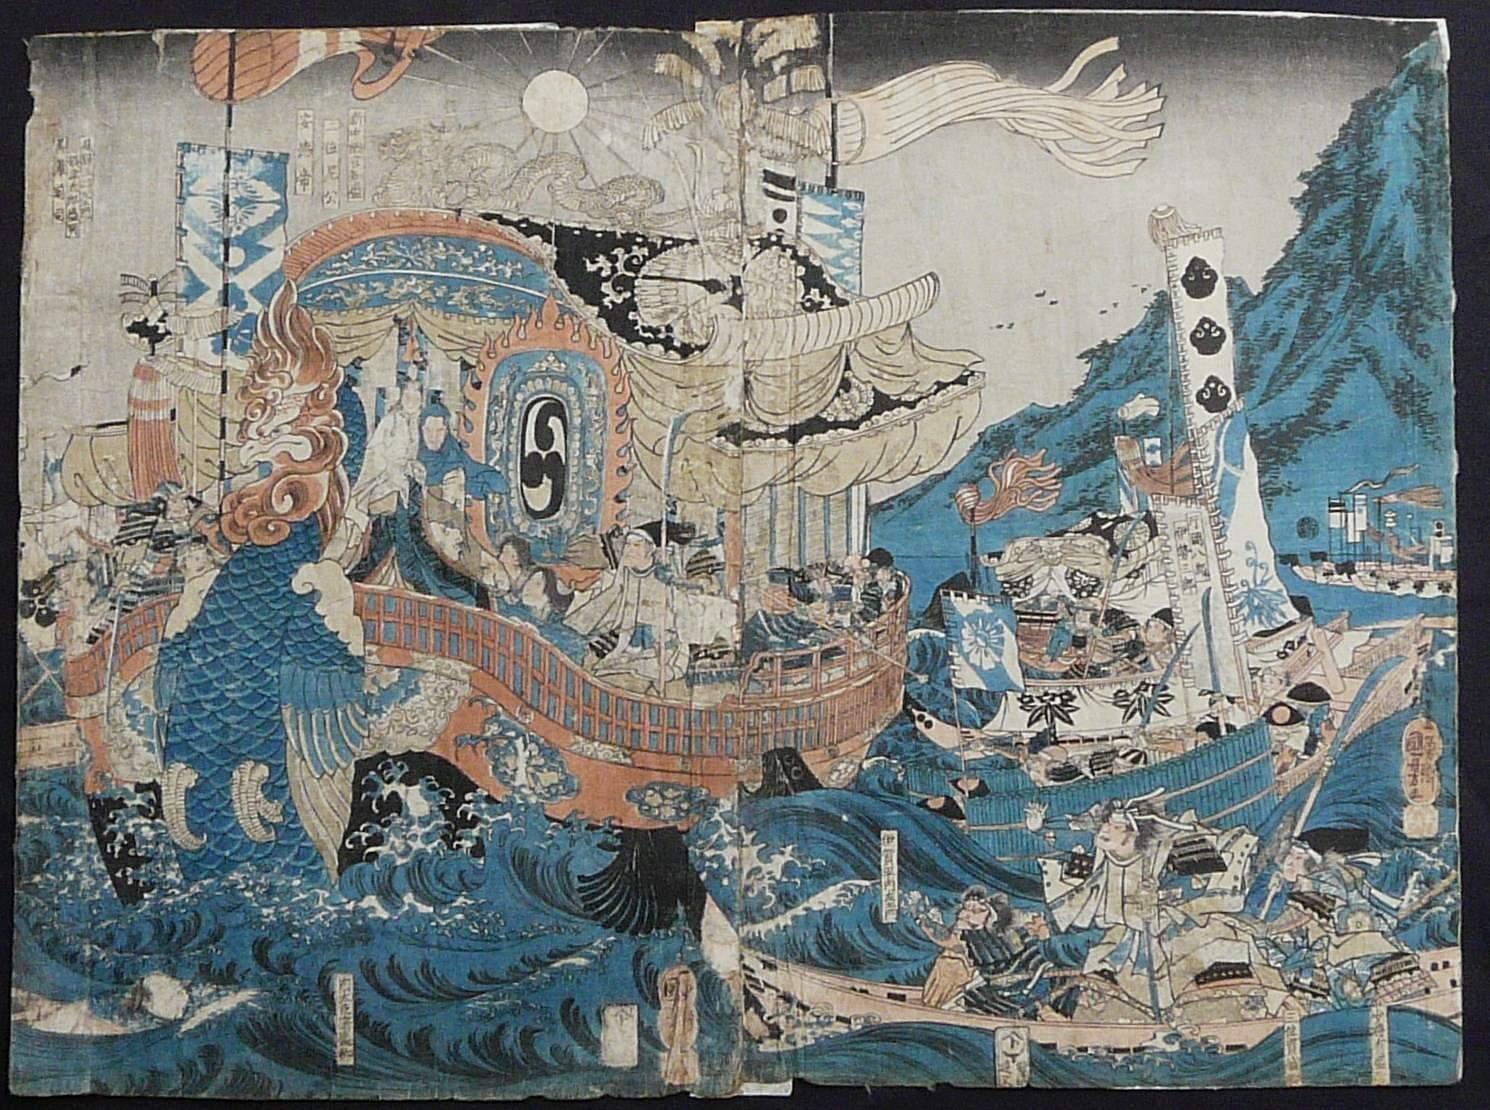 UTAGAWA KUNIYOSHI: #P4088 NAGATO no KUNIAKAMA no URA - THE AKAMA INLET OF NAGATO